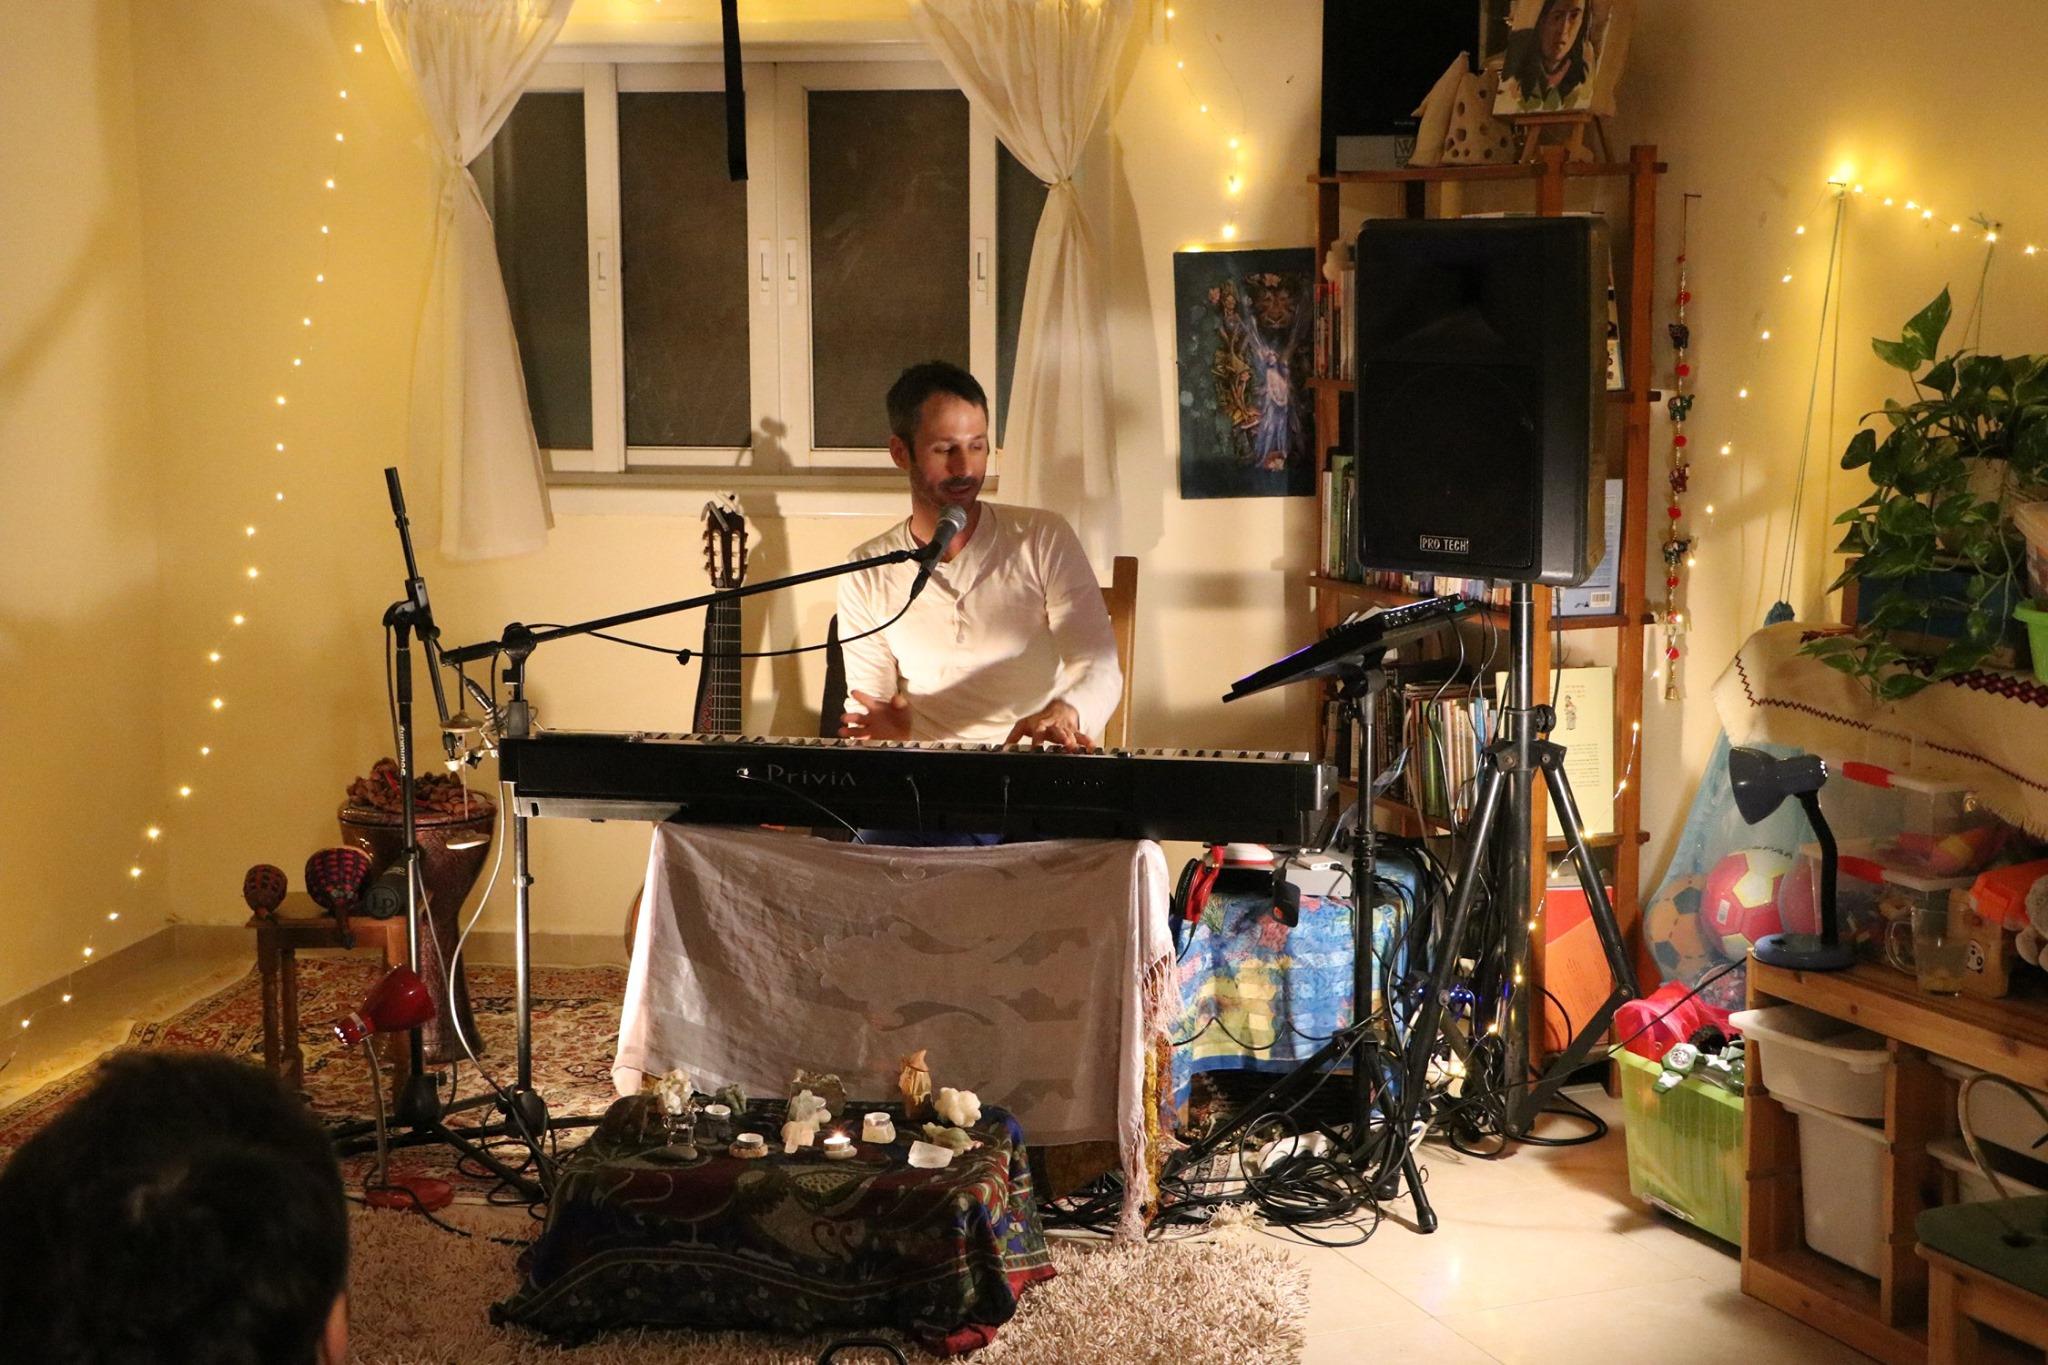 יובל בארי yuval bairey מטפל במוזיקה תרפיסט במוזיקה